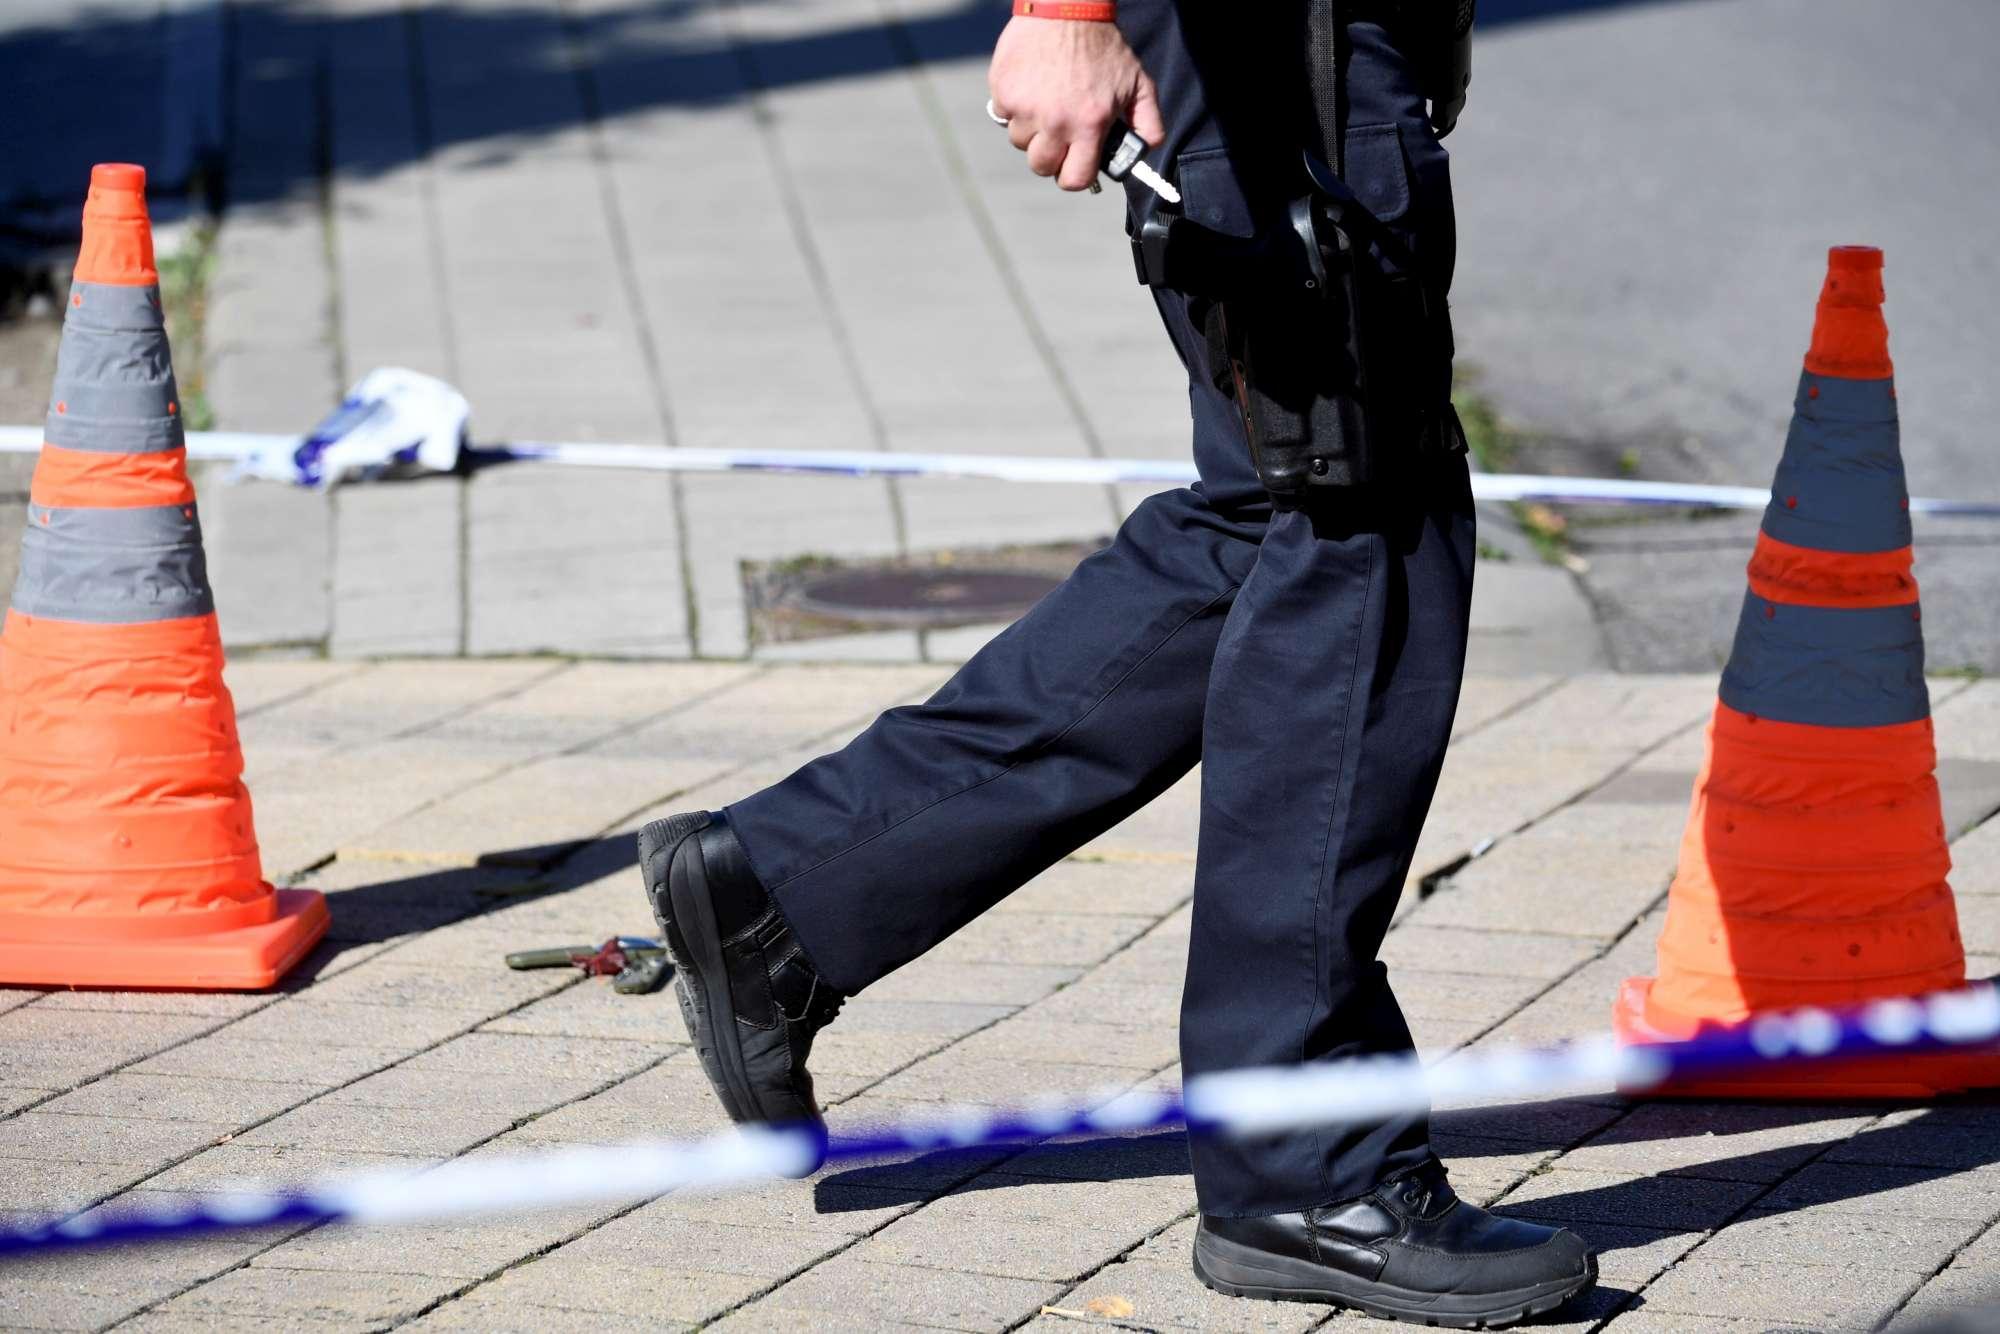 Bruxelles, accoltellati agenti: torna l incubo terrorismo